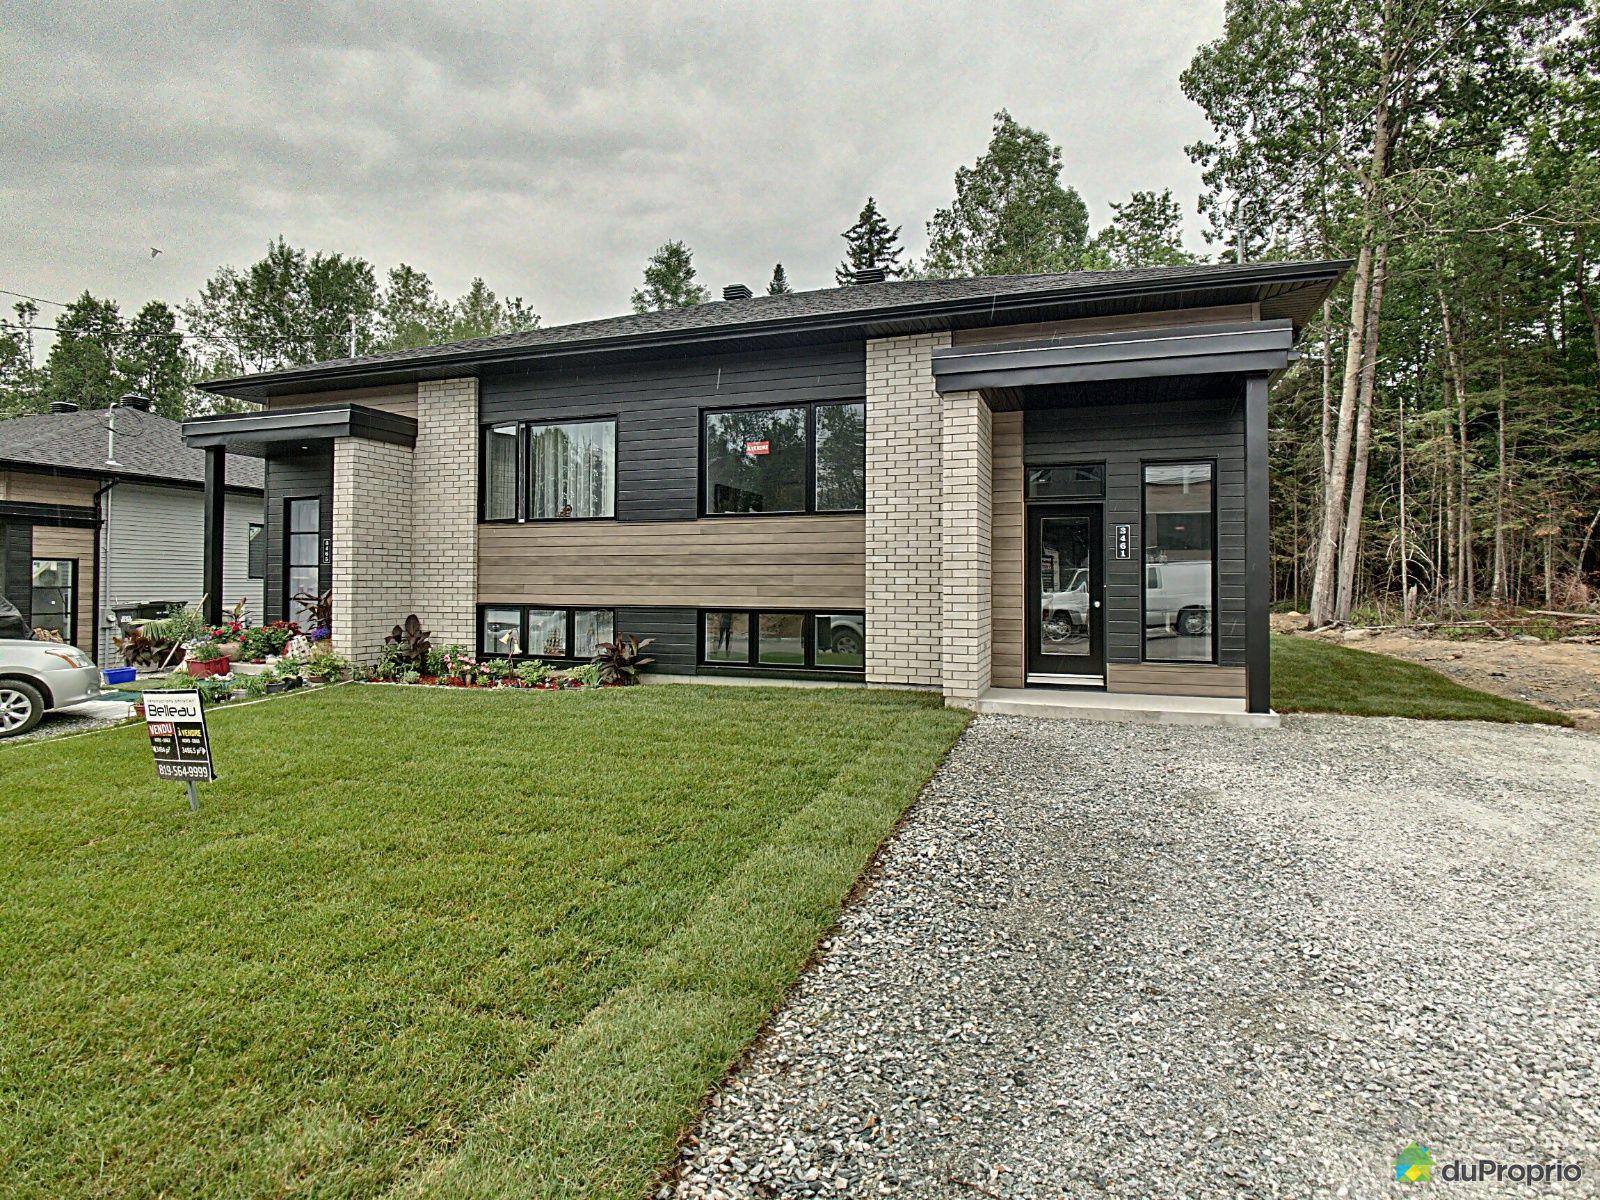 3481 rue Nina-Owens - Plateau McCrea - Par les Constructions Christian Belleau, Sherbrooke (Jacques-Cartier) for sale